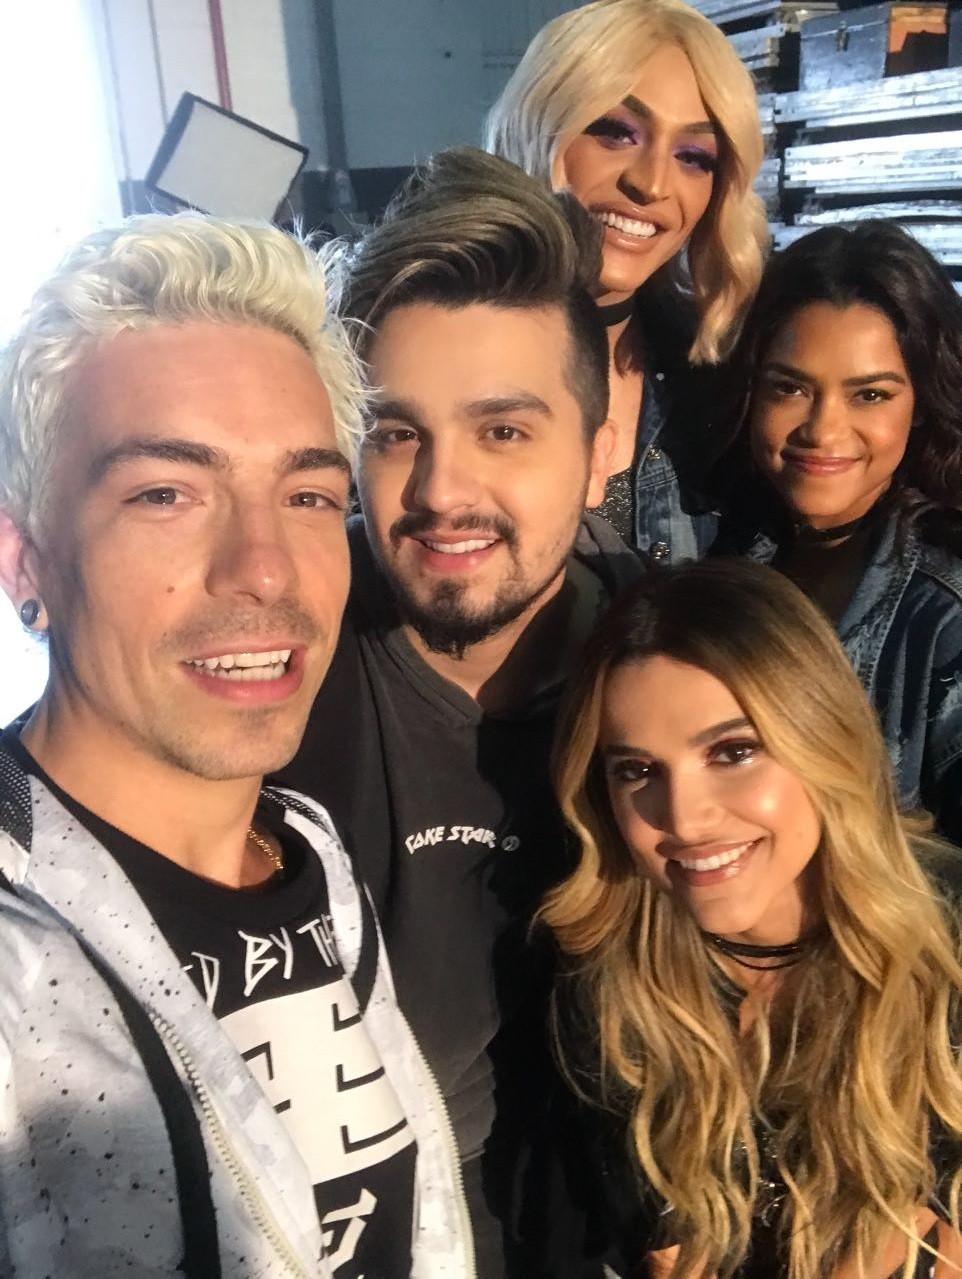 Di Ferrero, Luan Santana, Pabllo Vittar, Manu Gavassi e Lucy Alves marcaram o encontro com uma selfie (Foto: Reproduo/Instagram)